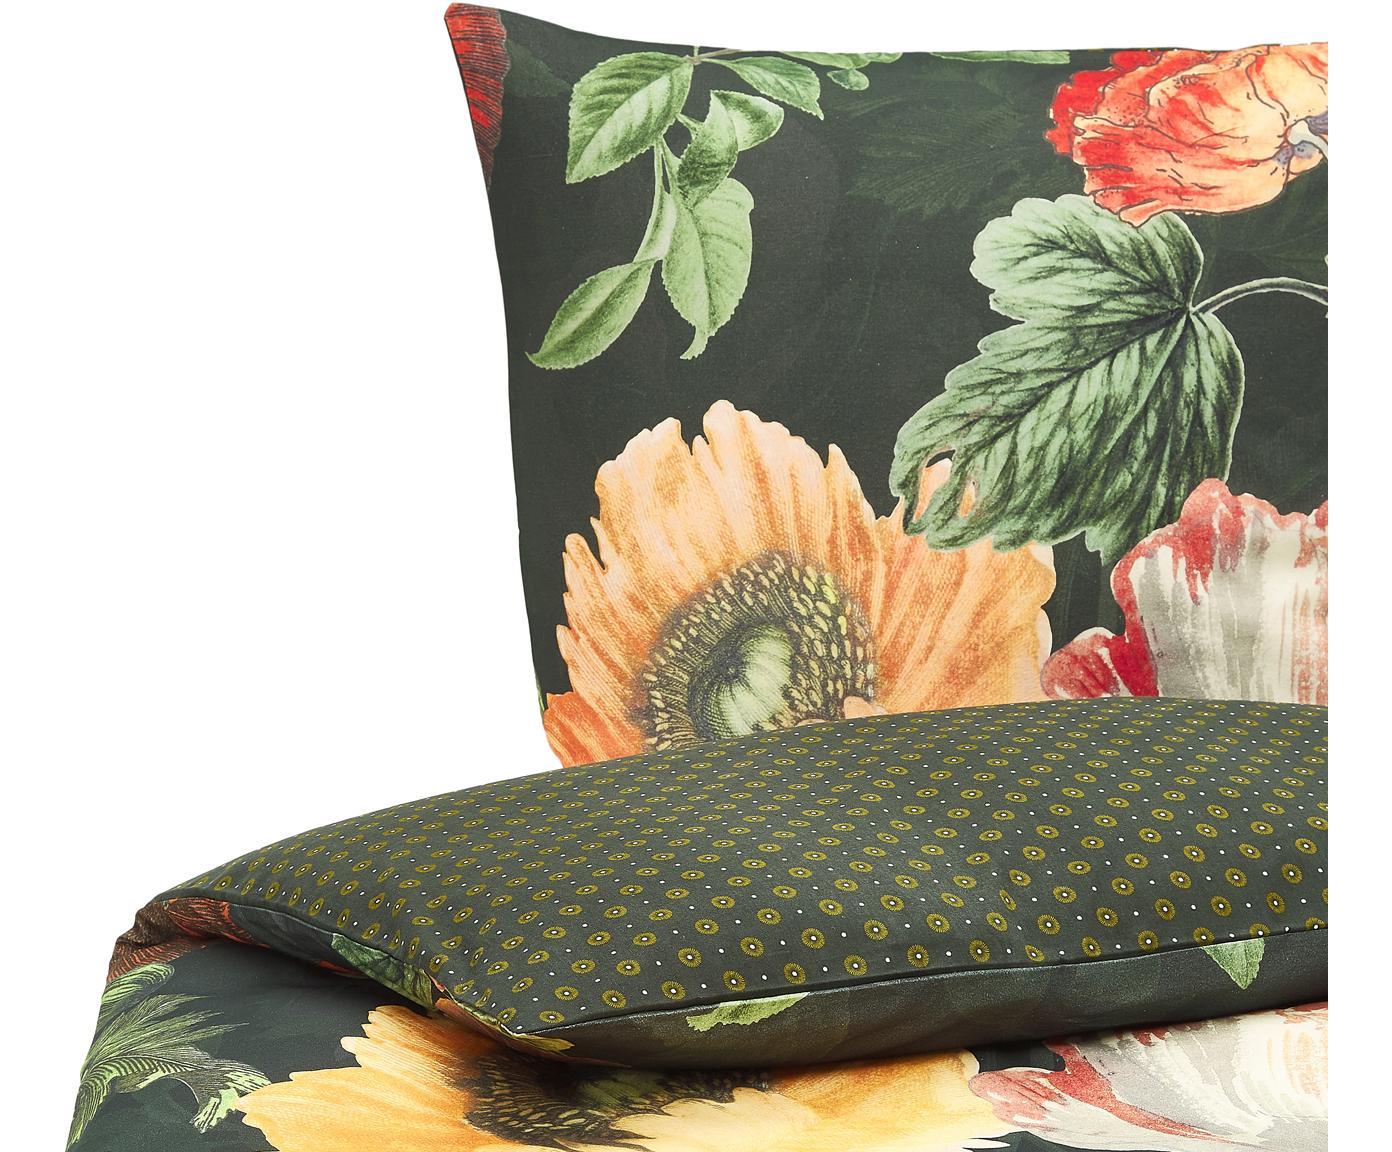 Flanell-Wendebettwäsche Esmee mit Blumen-Muster, Webart: Flanell, Dunkelgrün, Mehrfarbig, 135 x 200 cm